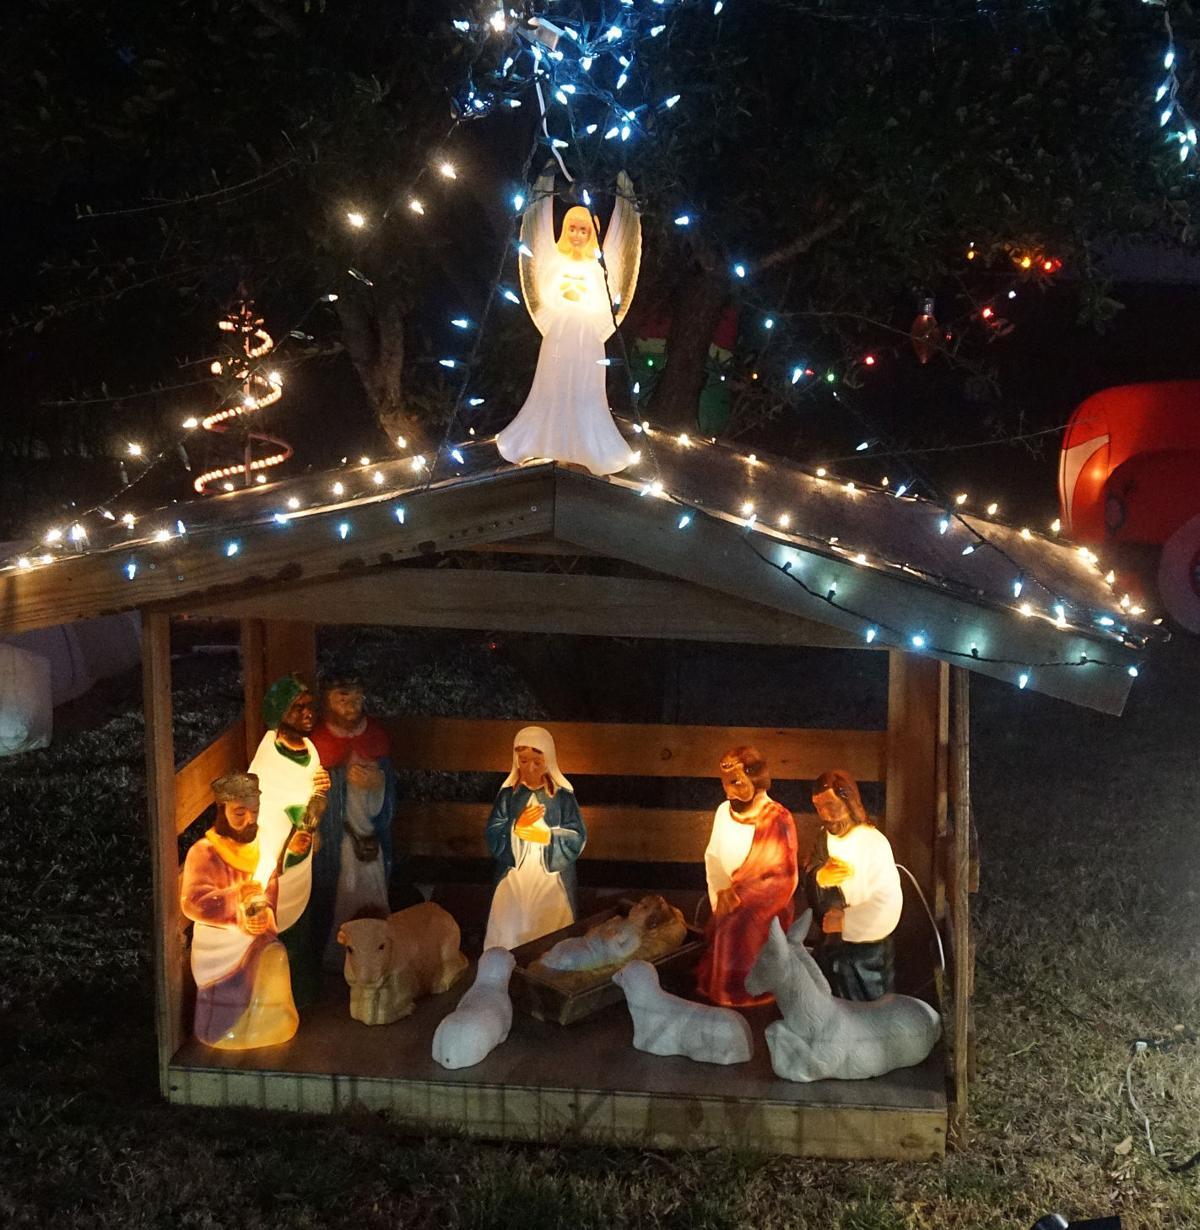 Lawton Christmas lights